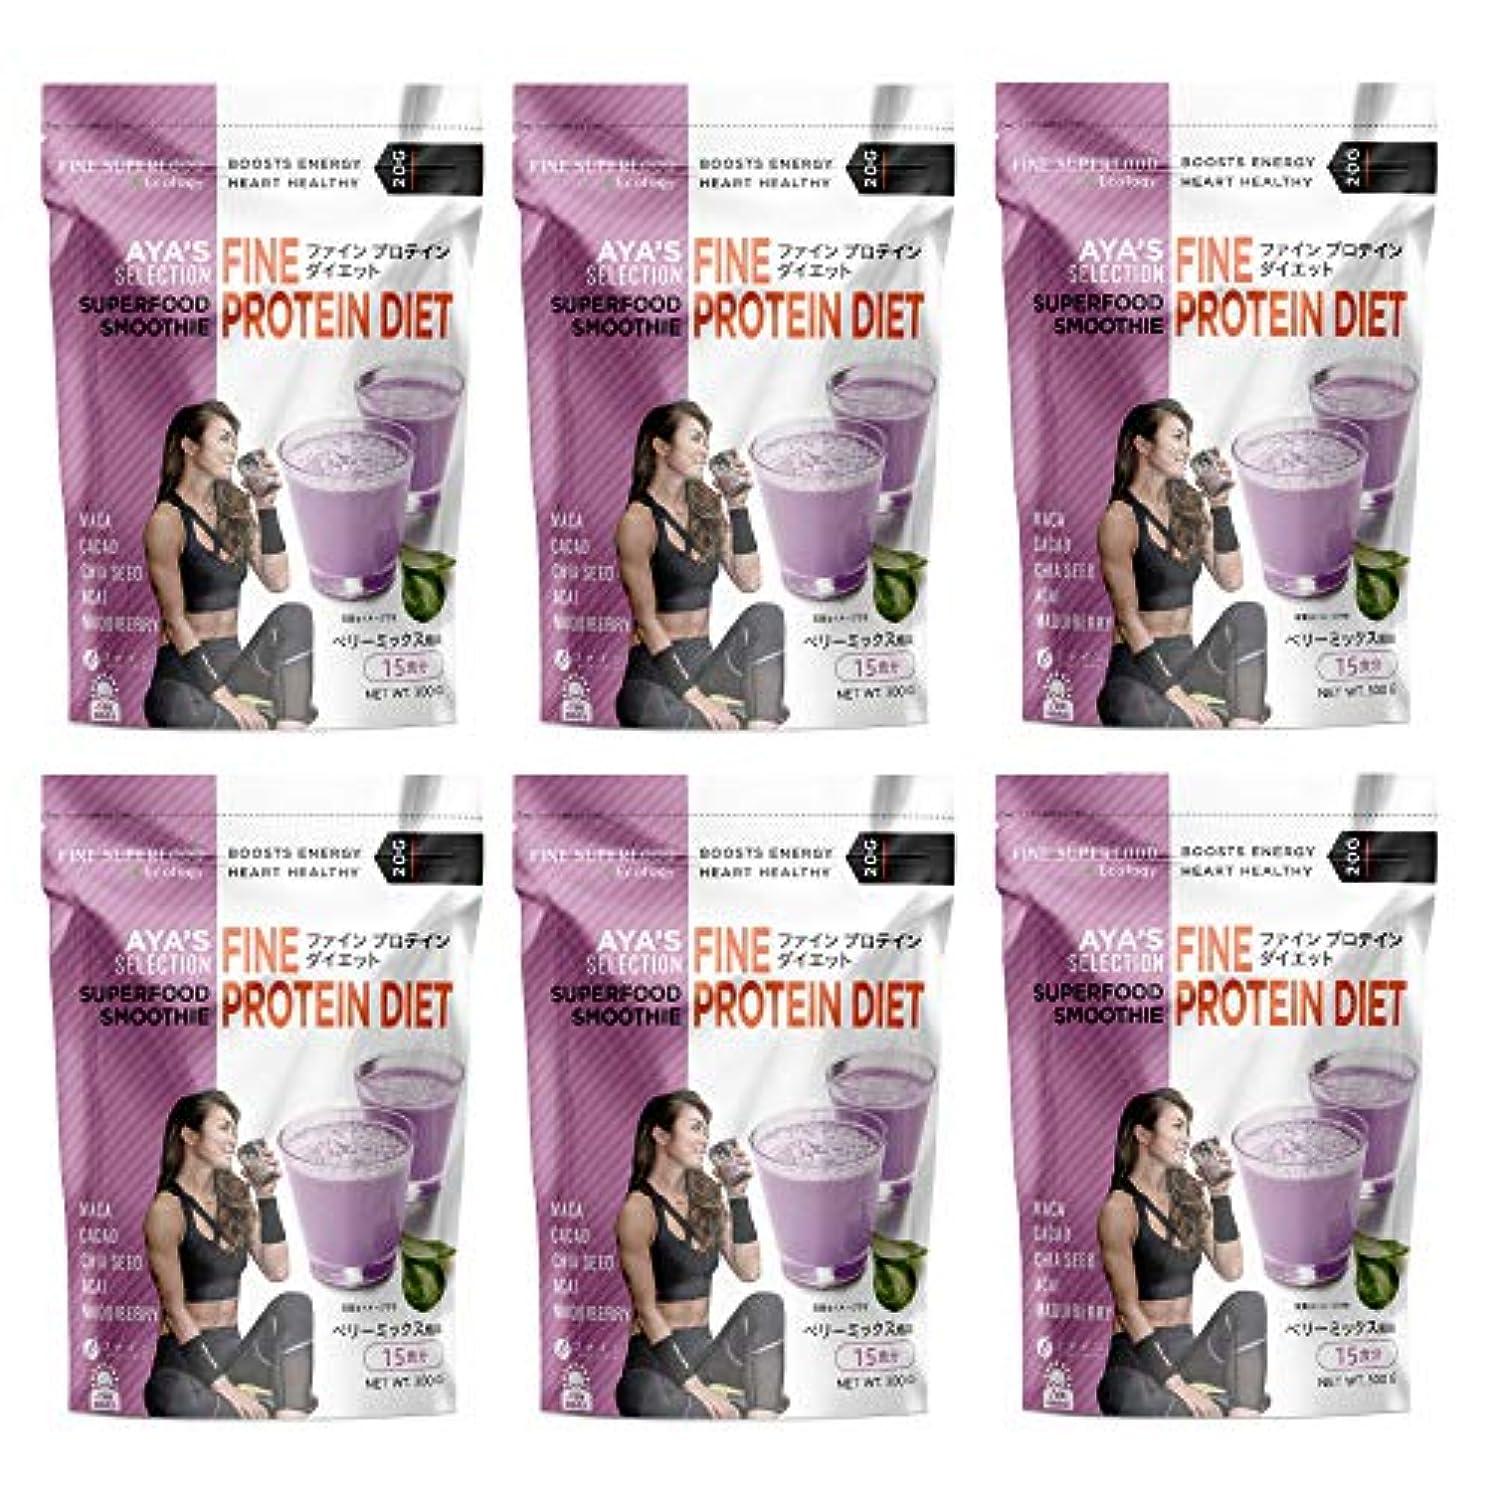 厚さハンドブックパシフィック(6点セット)(サプリメント)ファイン プロテインダイエット AYA'Sセレクション ベリーミックス